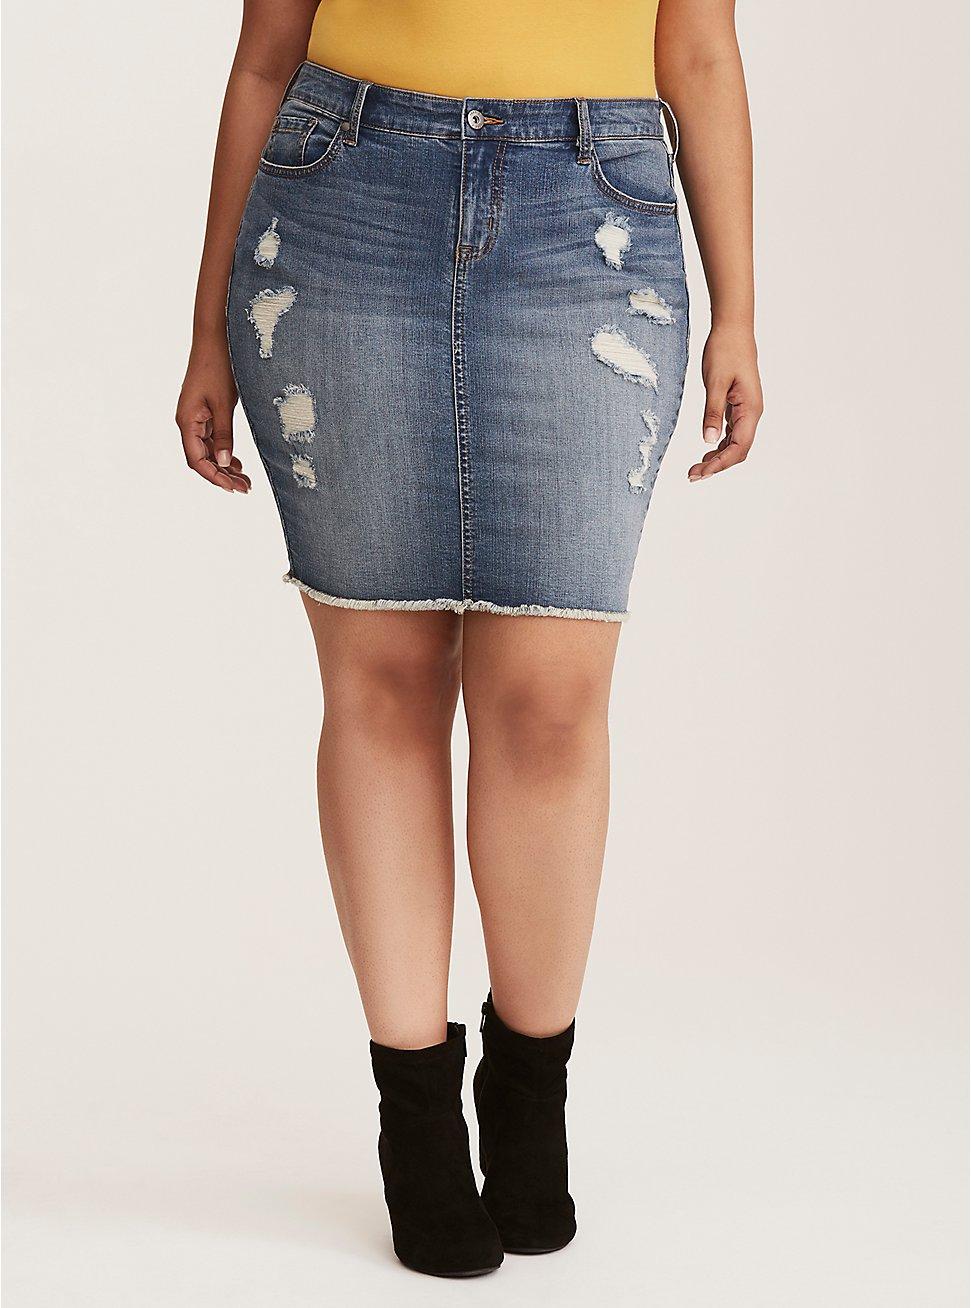 Plus Size Denim Mini Skirt - Distressed Medium Wash, MEDIUM BLUE WASH, hi-res